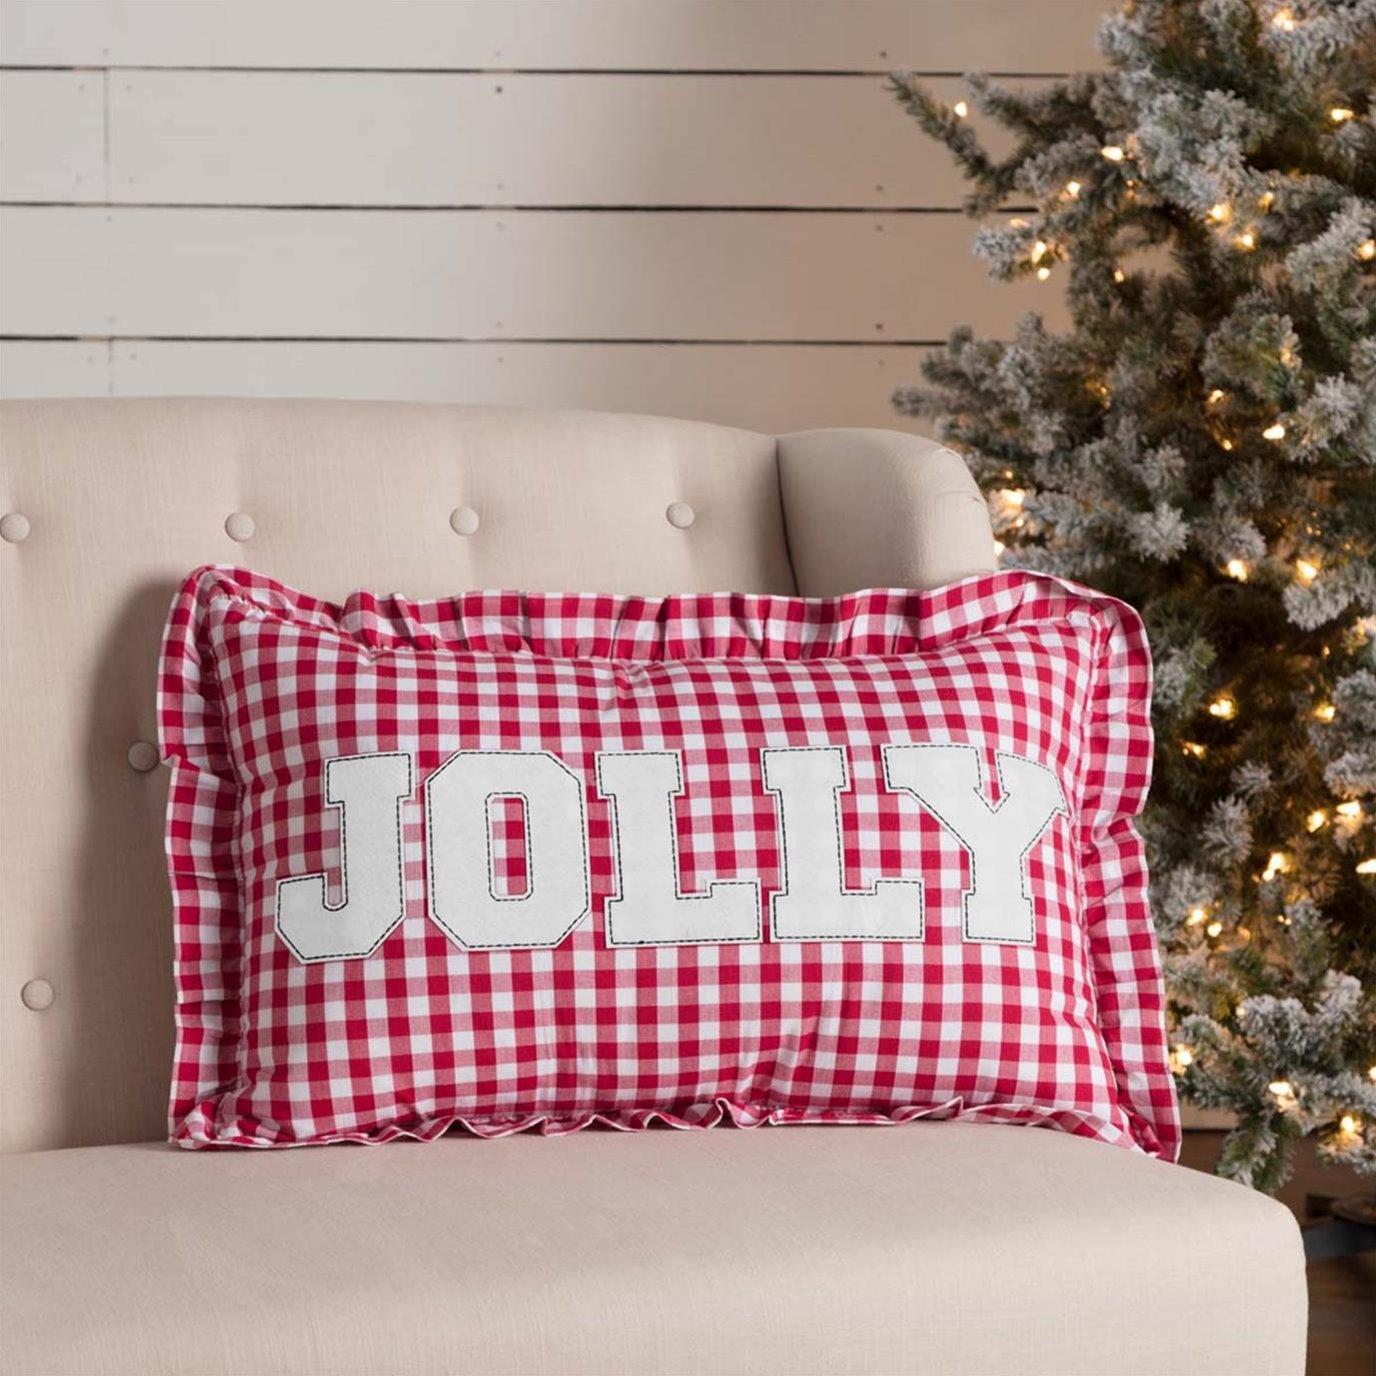 Emmie Jolly Pillow 14x22